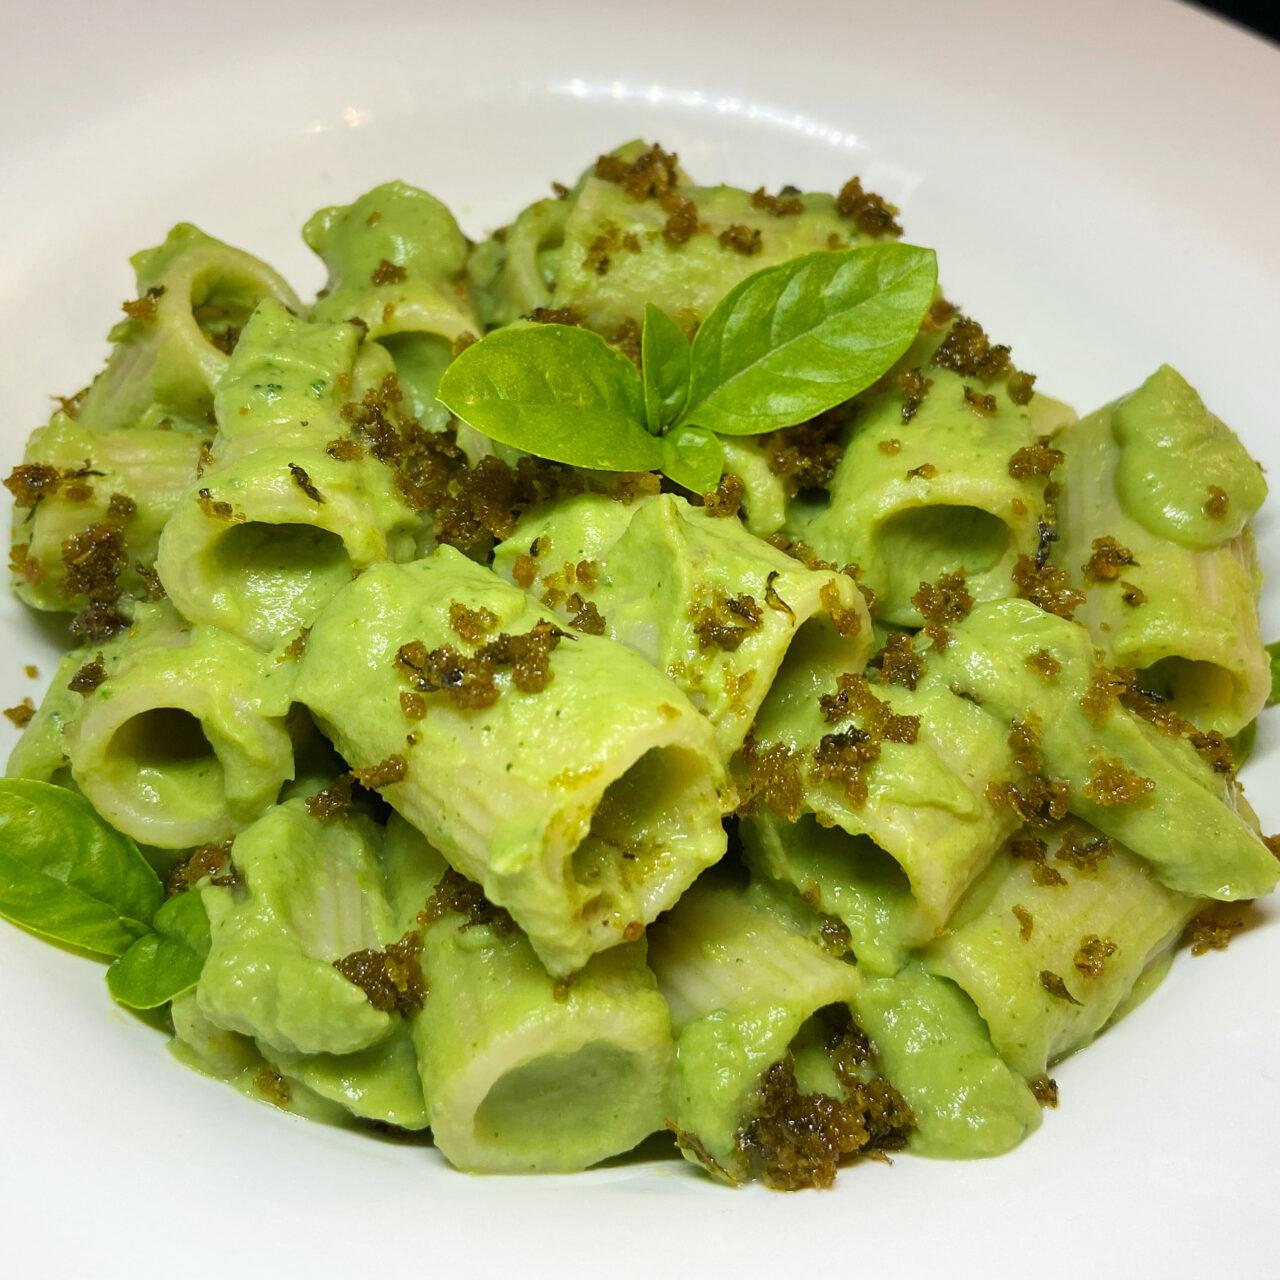 Mezza Manica con crema di broccoli, alici e crumble di pane al basilico